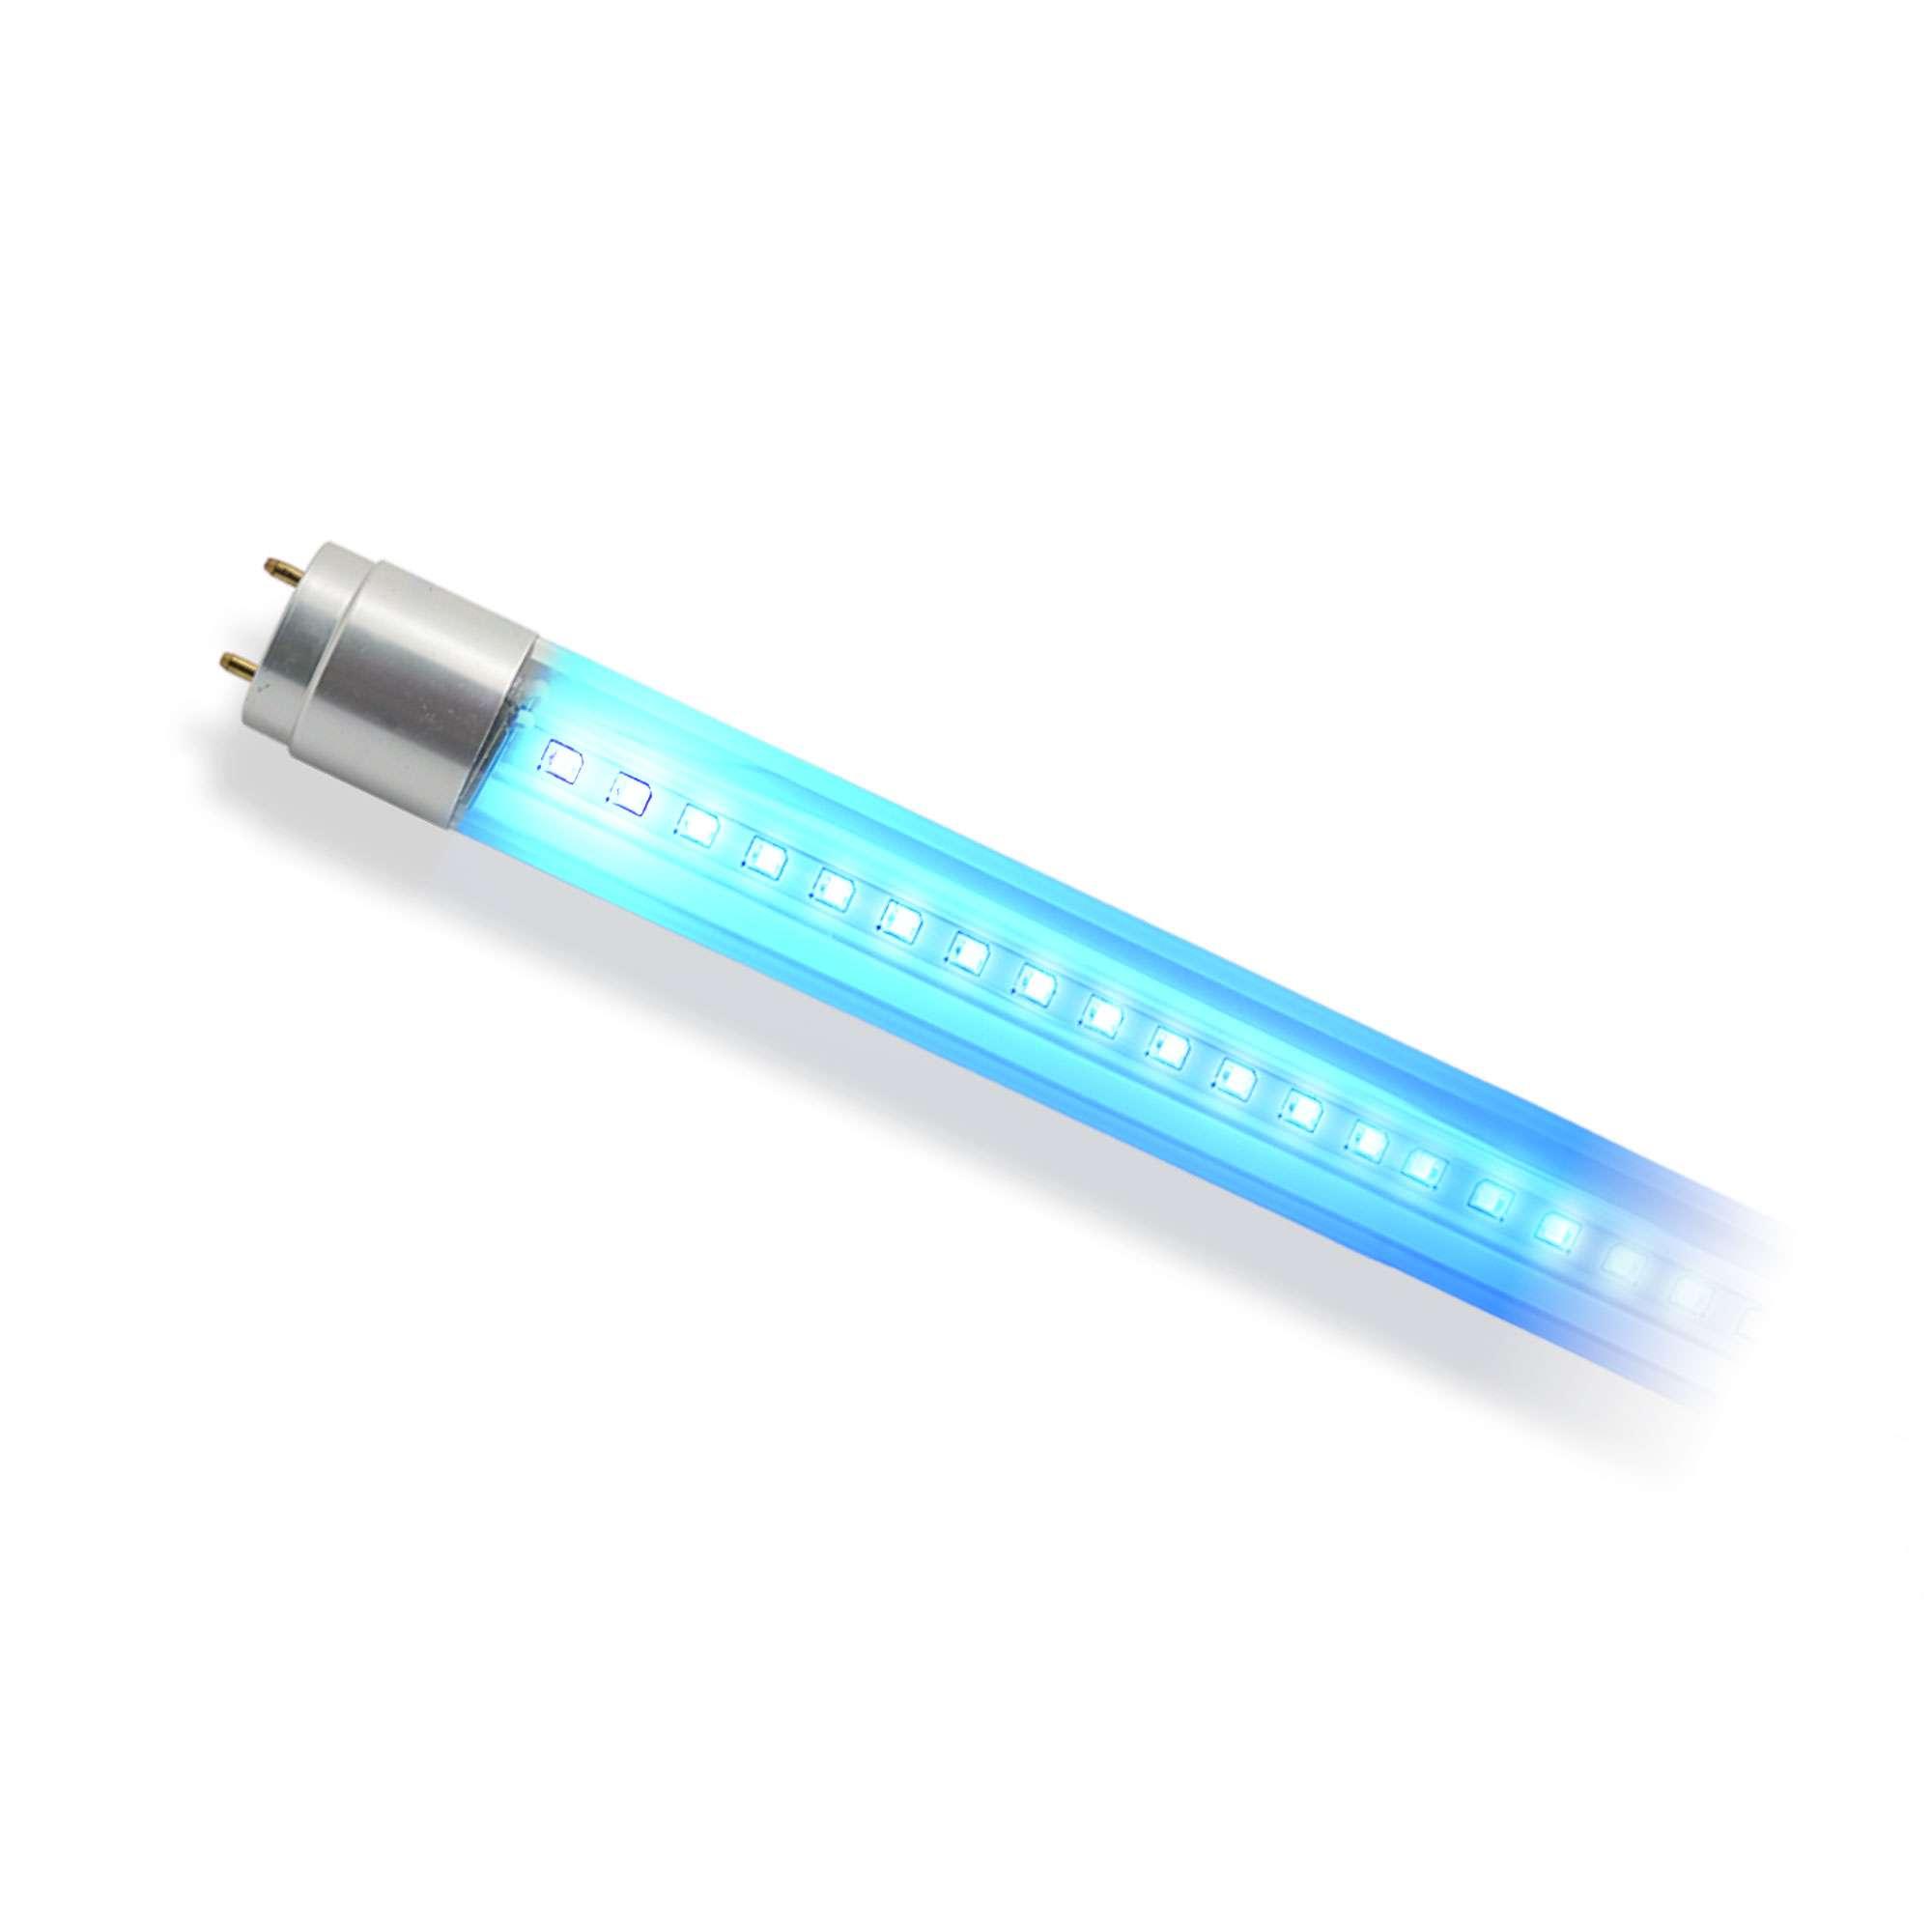 Tubo t8 led marine ica s a - Fluorescente led precio ...